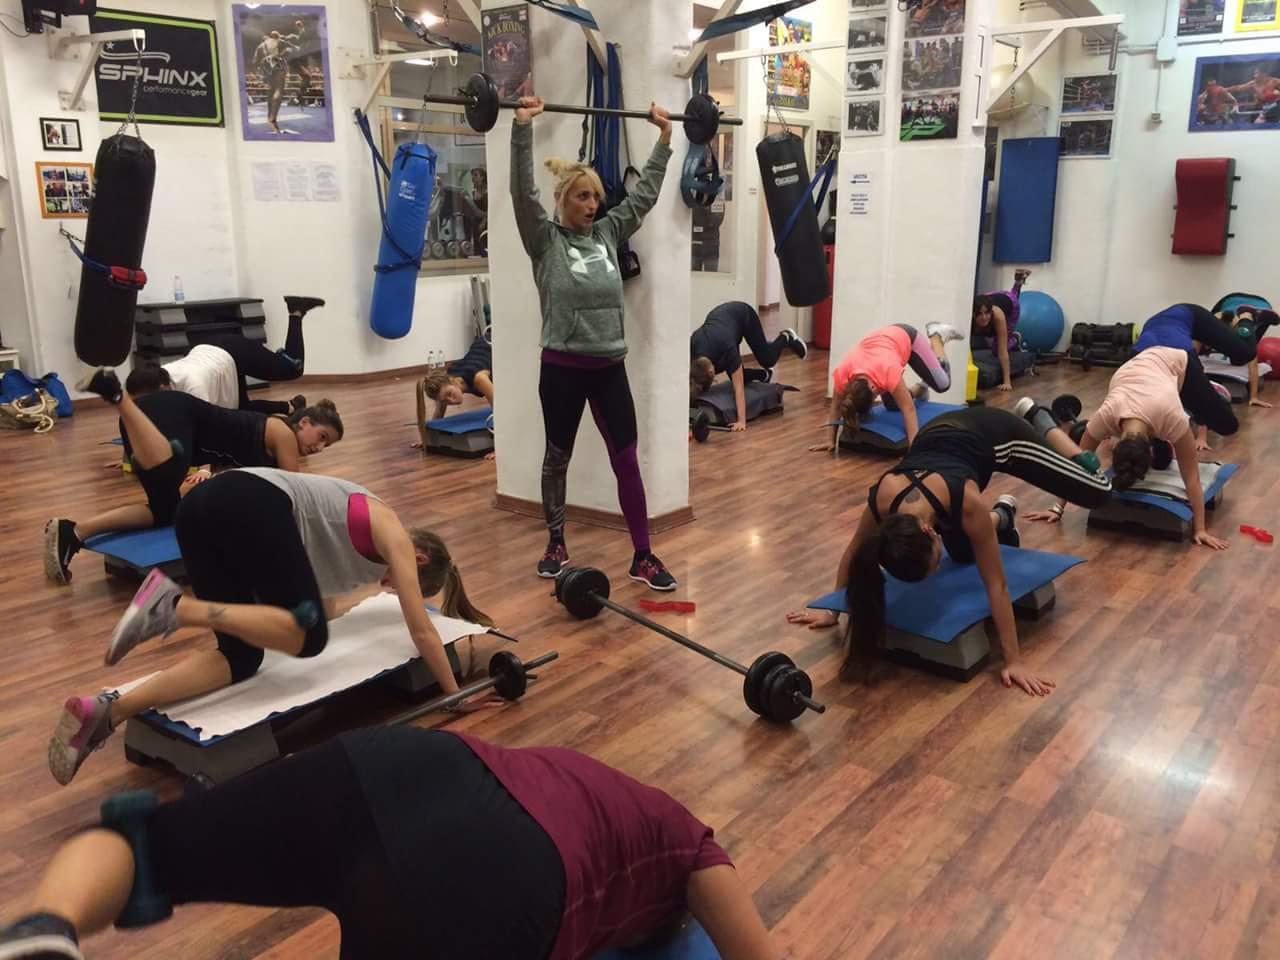 istruttore solleva bilanciere durante lezione di fitness